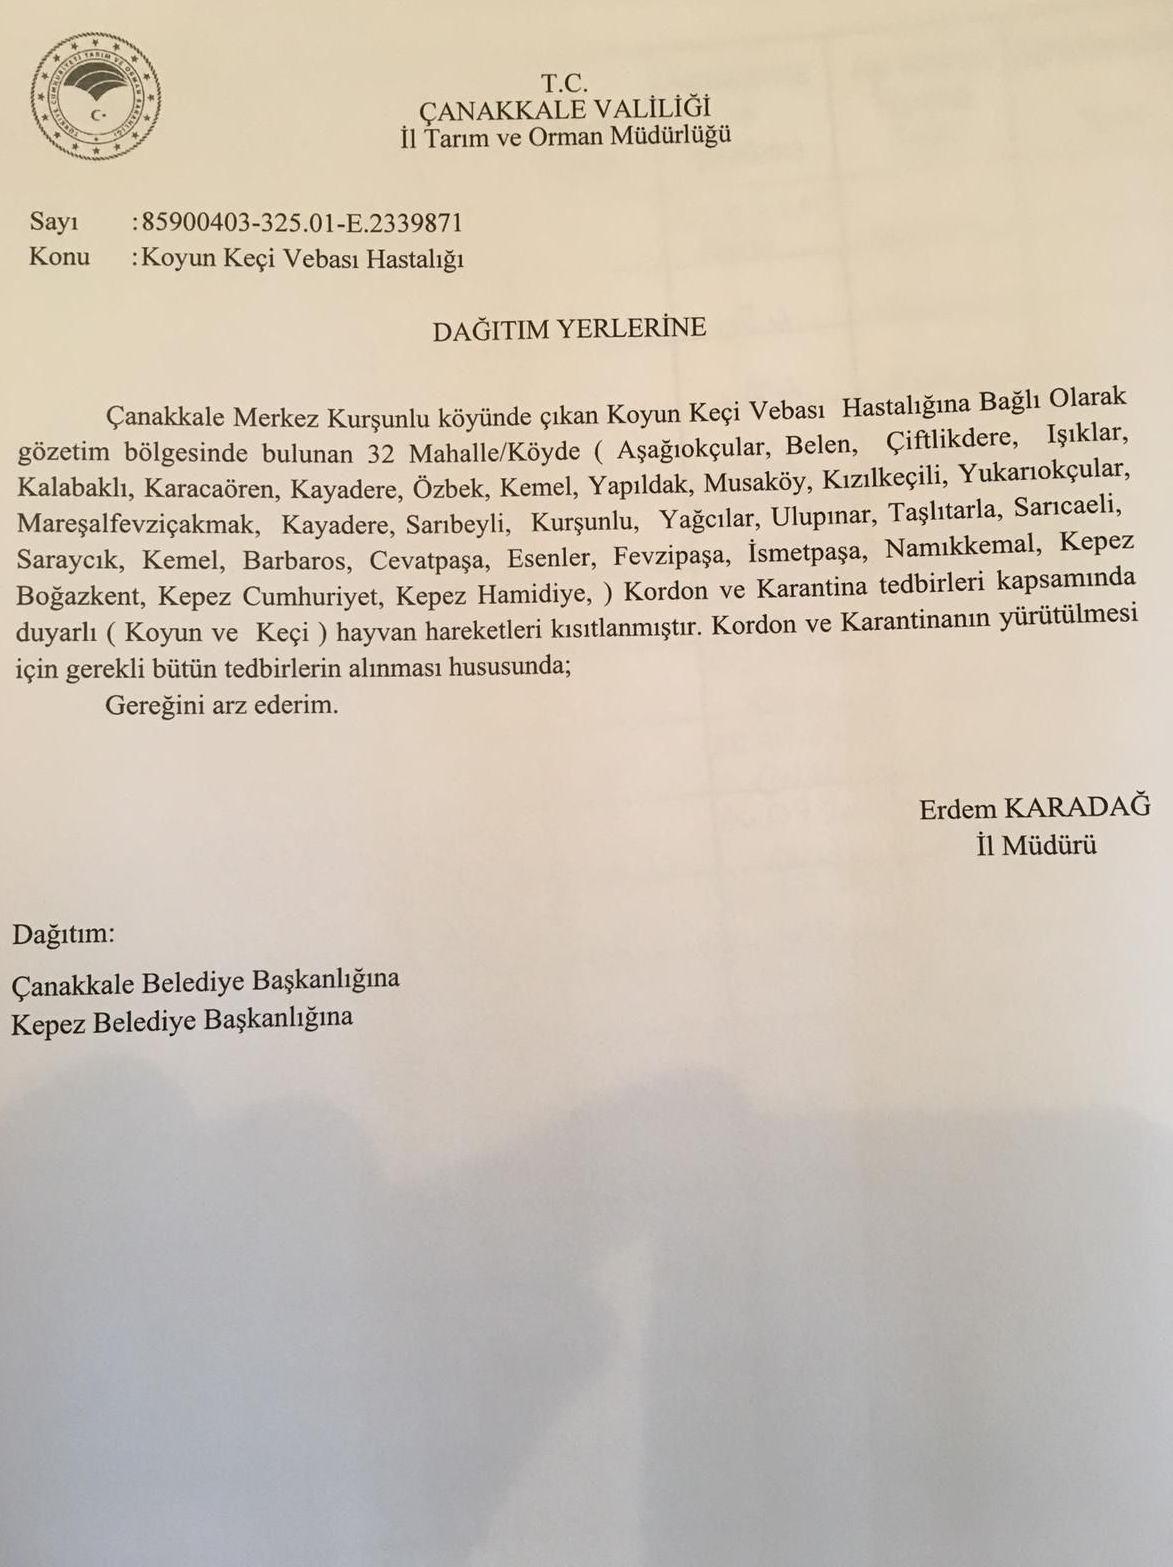 Tarım ve Orman İl Müdürlüğü'nden belediye başkanlıklarına gönderilen dilekçe